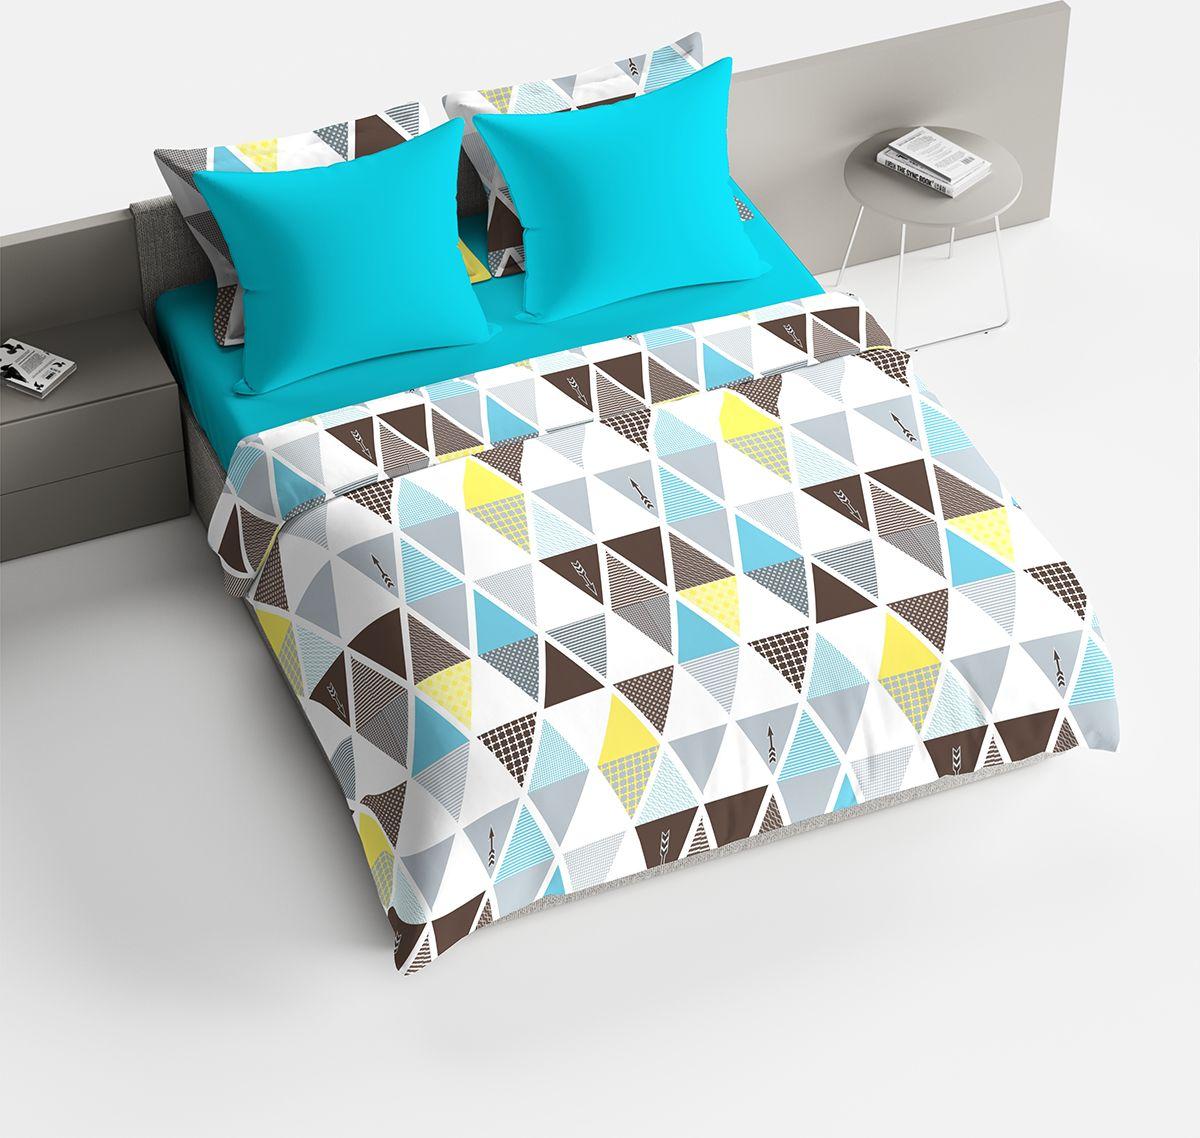 Комплект белья Браво Леонард, 1,5-спальное, наволочки 70x70, цвет: голубой91931Комплекты постельного белья из ткани LUX COTTON (высококачественный поплин), сотканной из длинноволокнистого египетского хлопка, созданы специально для людей с оригинальным вкусом, предпочитающим современные решения в интерьере. Обновленная стильная упаковка делает этот комплект отличным подарком. • Равноплотная ткань из 100% хлопка; • Обработана по технологии мерсеризации и санфоризации; • Мягкая и нежная на ощупь; • Устойчива к трению; • Обладает высокими показателями гигроскопичности (впитывает влагу); • Выдерживает частые стирки, сохраняя первоначальные цвет, форму и размеры; • Безопасные красители ведущего немецкого производителя BEZEMA